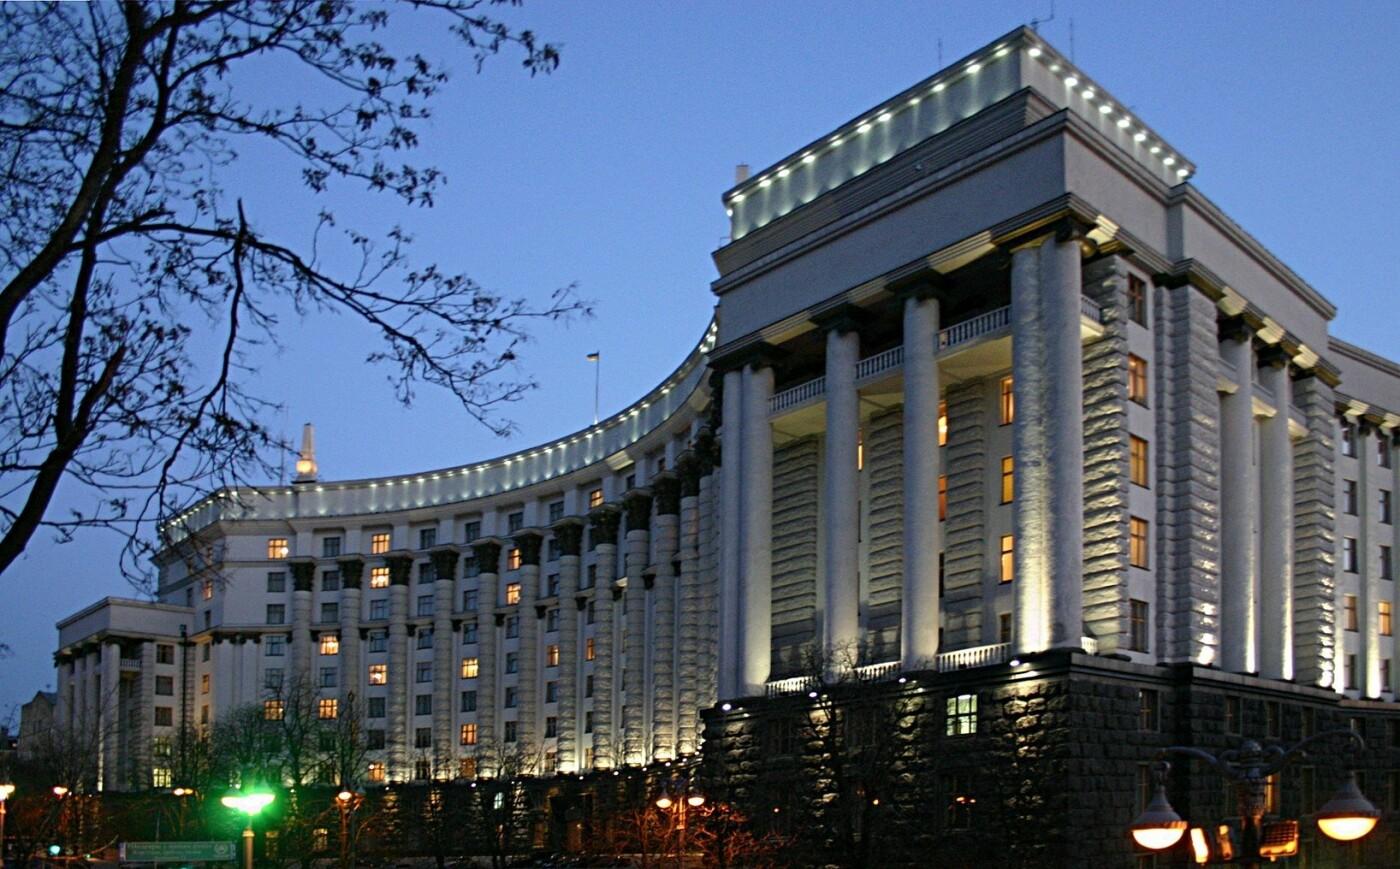 Монументализм и НКВД: здание Кабинета Министров Украины в Киеве и его уникальность, - ФОТО, Фото: Википедия